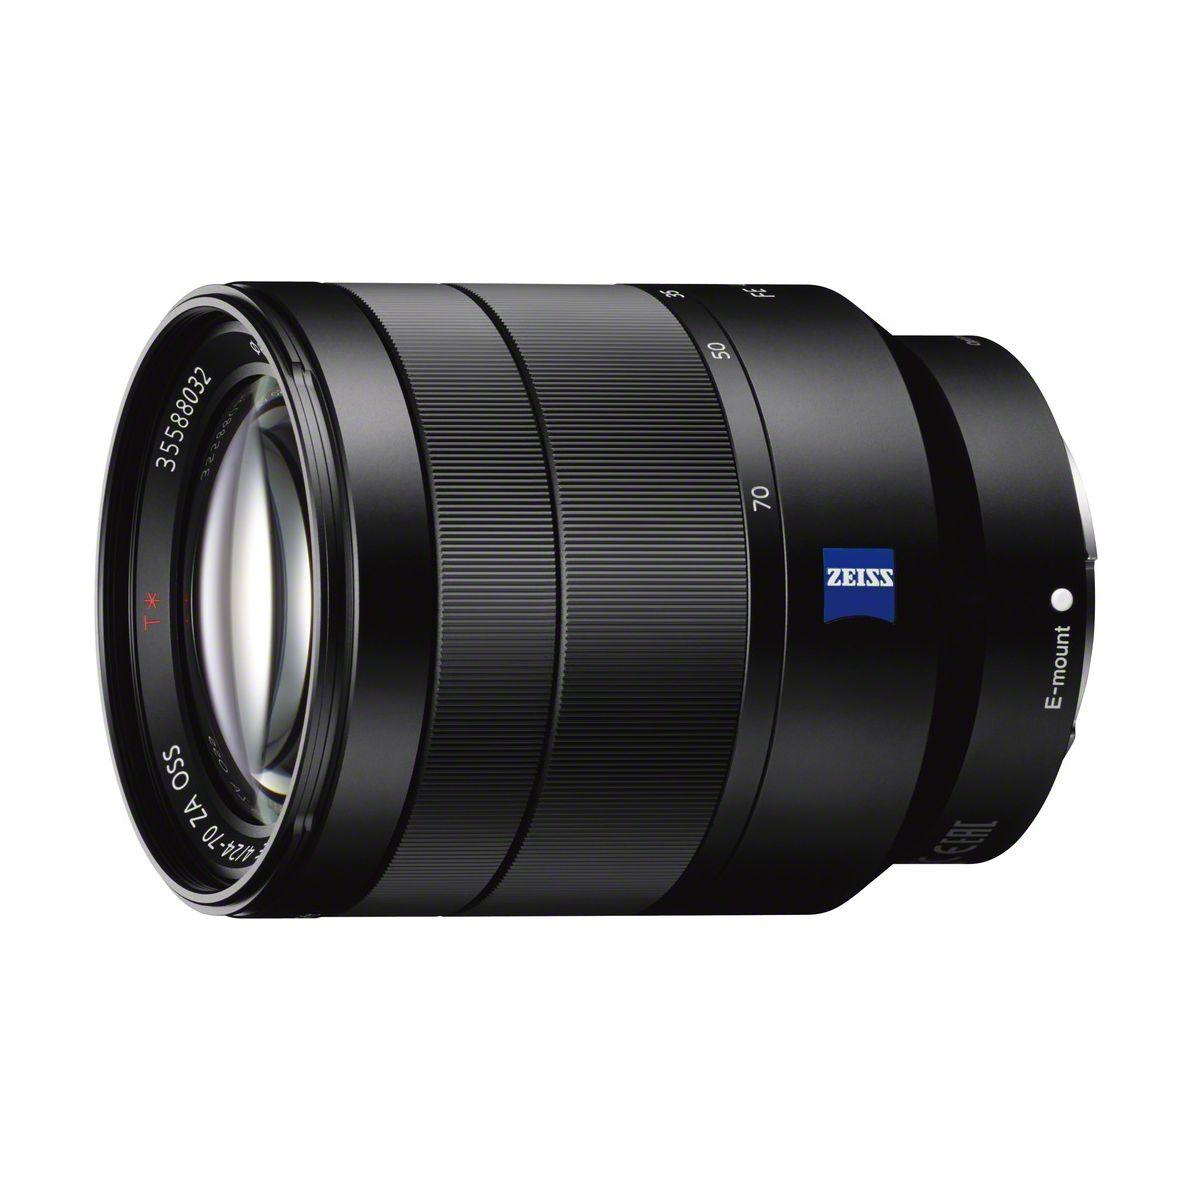 Objectif SONY FE 24-70mm f/4 OSS Zeiss